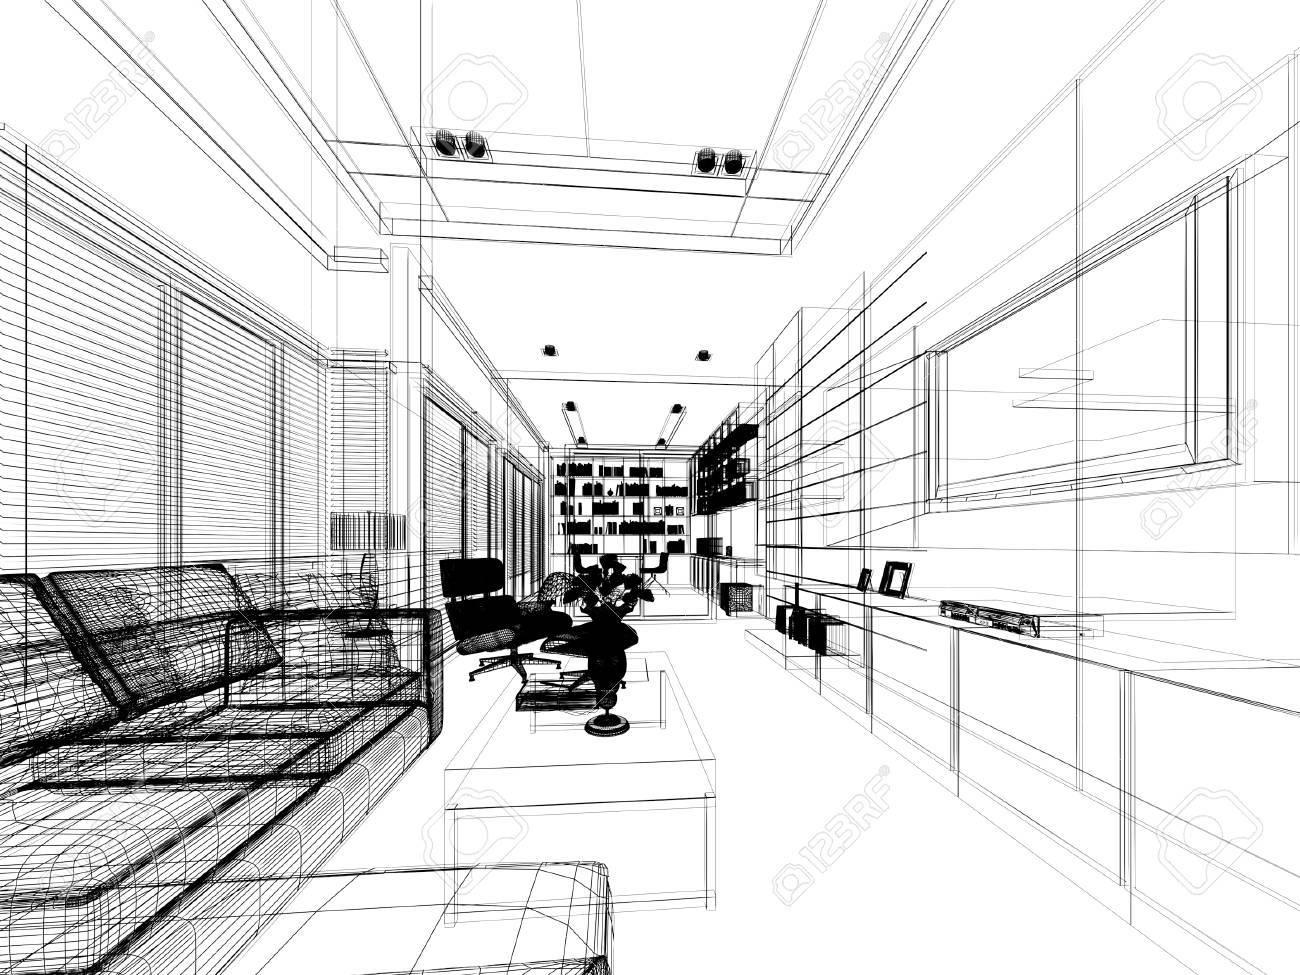 disegno schizzo di vita, telaio 3dwire render Archivio Fotografico - 42310541